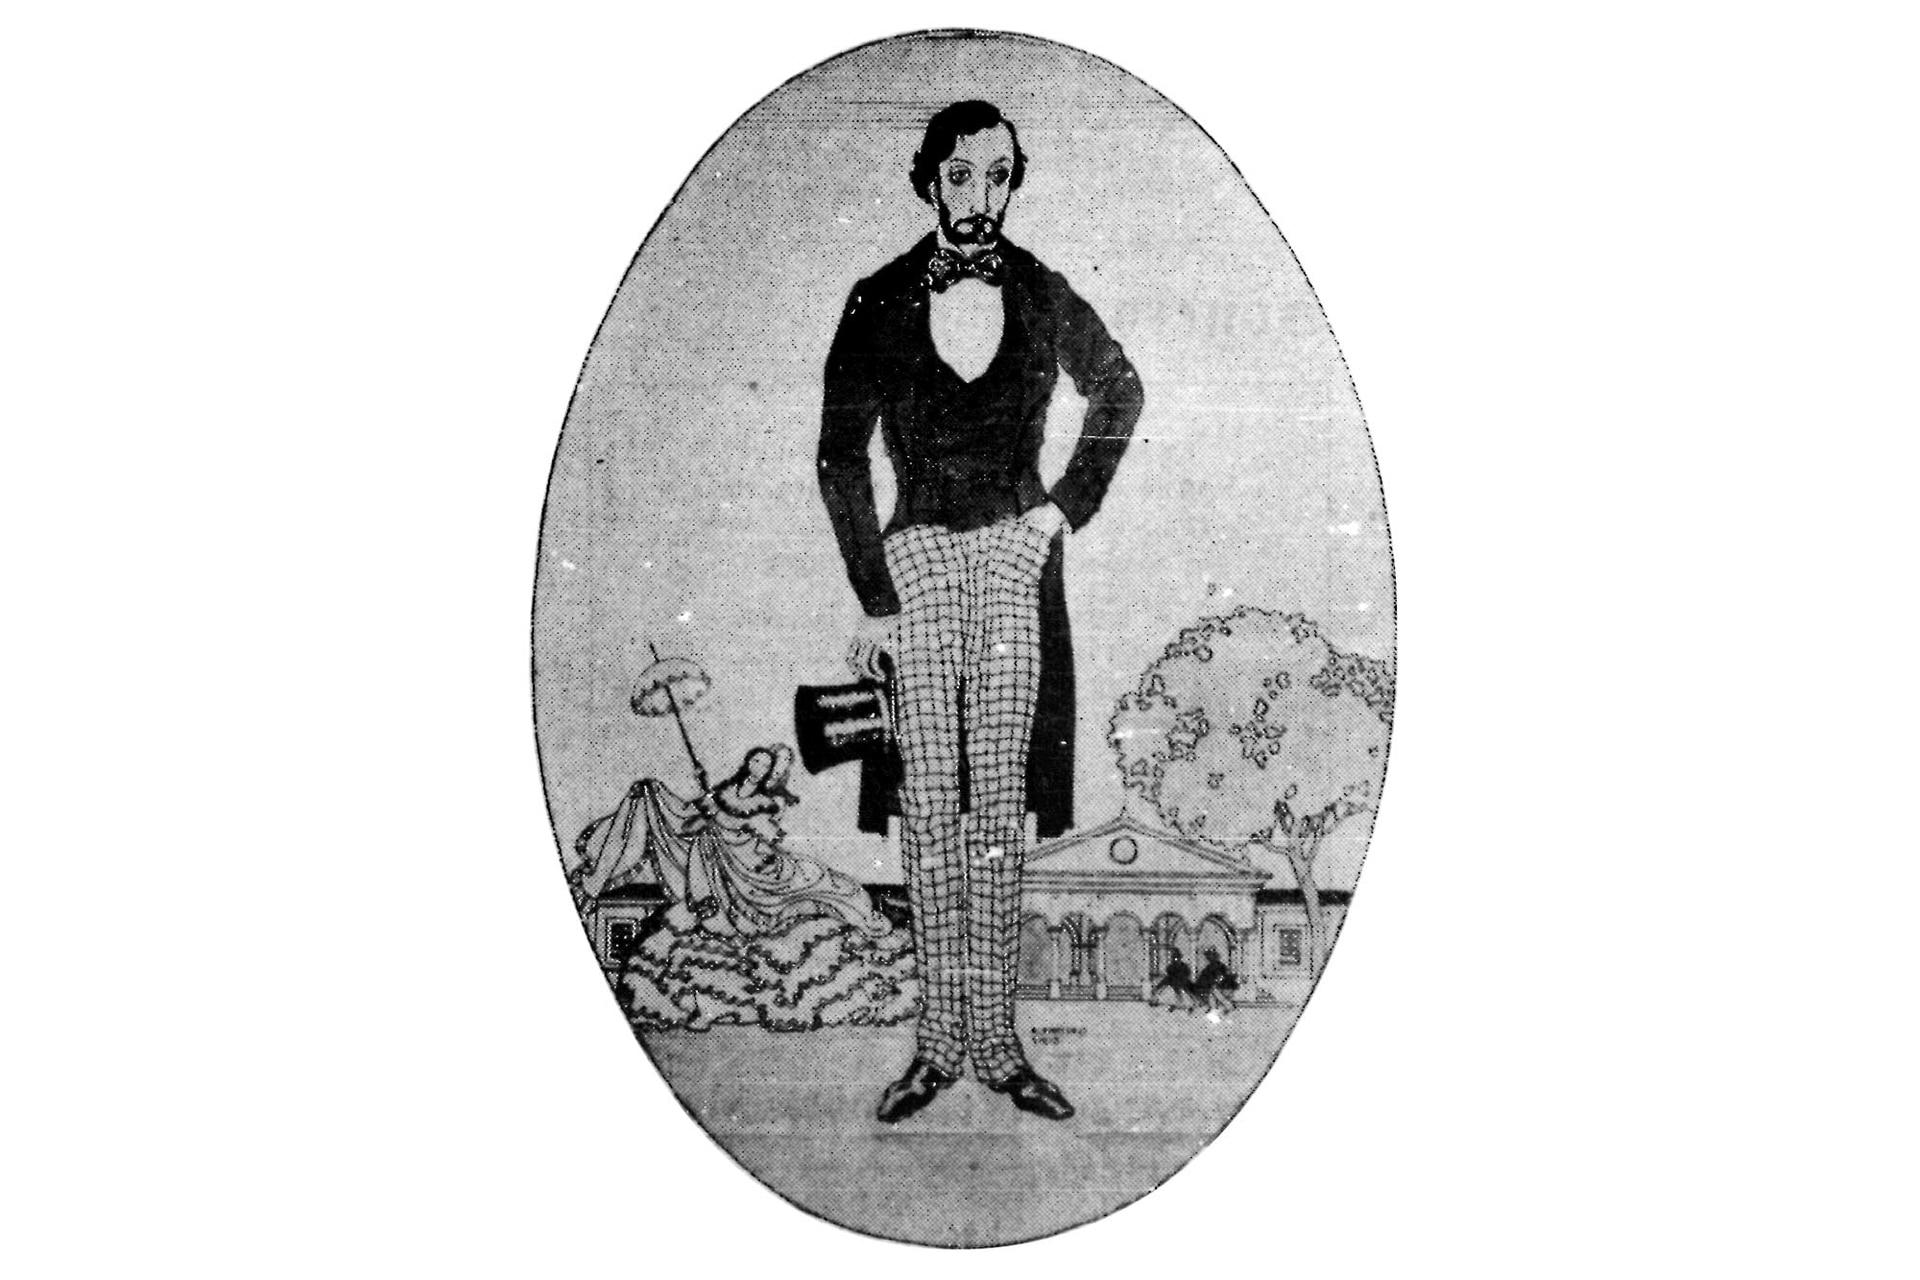 Bartolomé Mitre, 1936. Uno de los más destacados ilustradores de principios de siglo